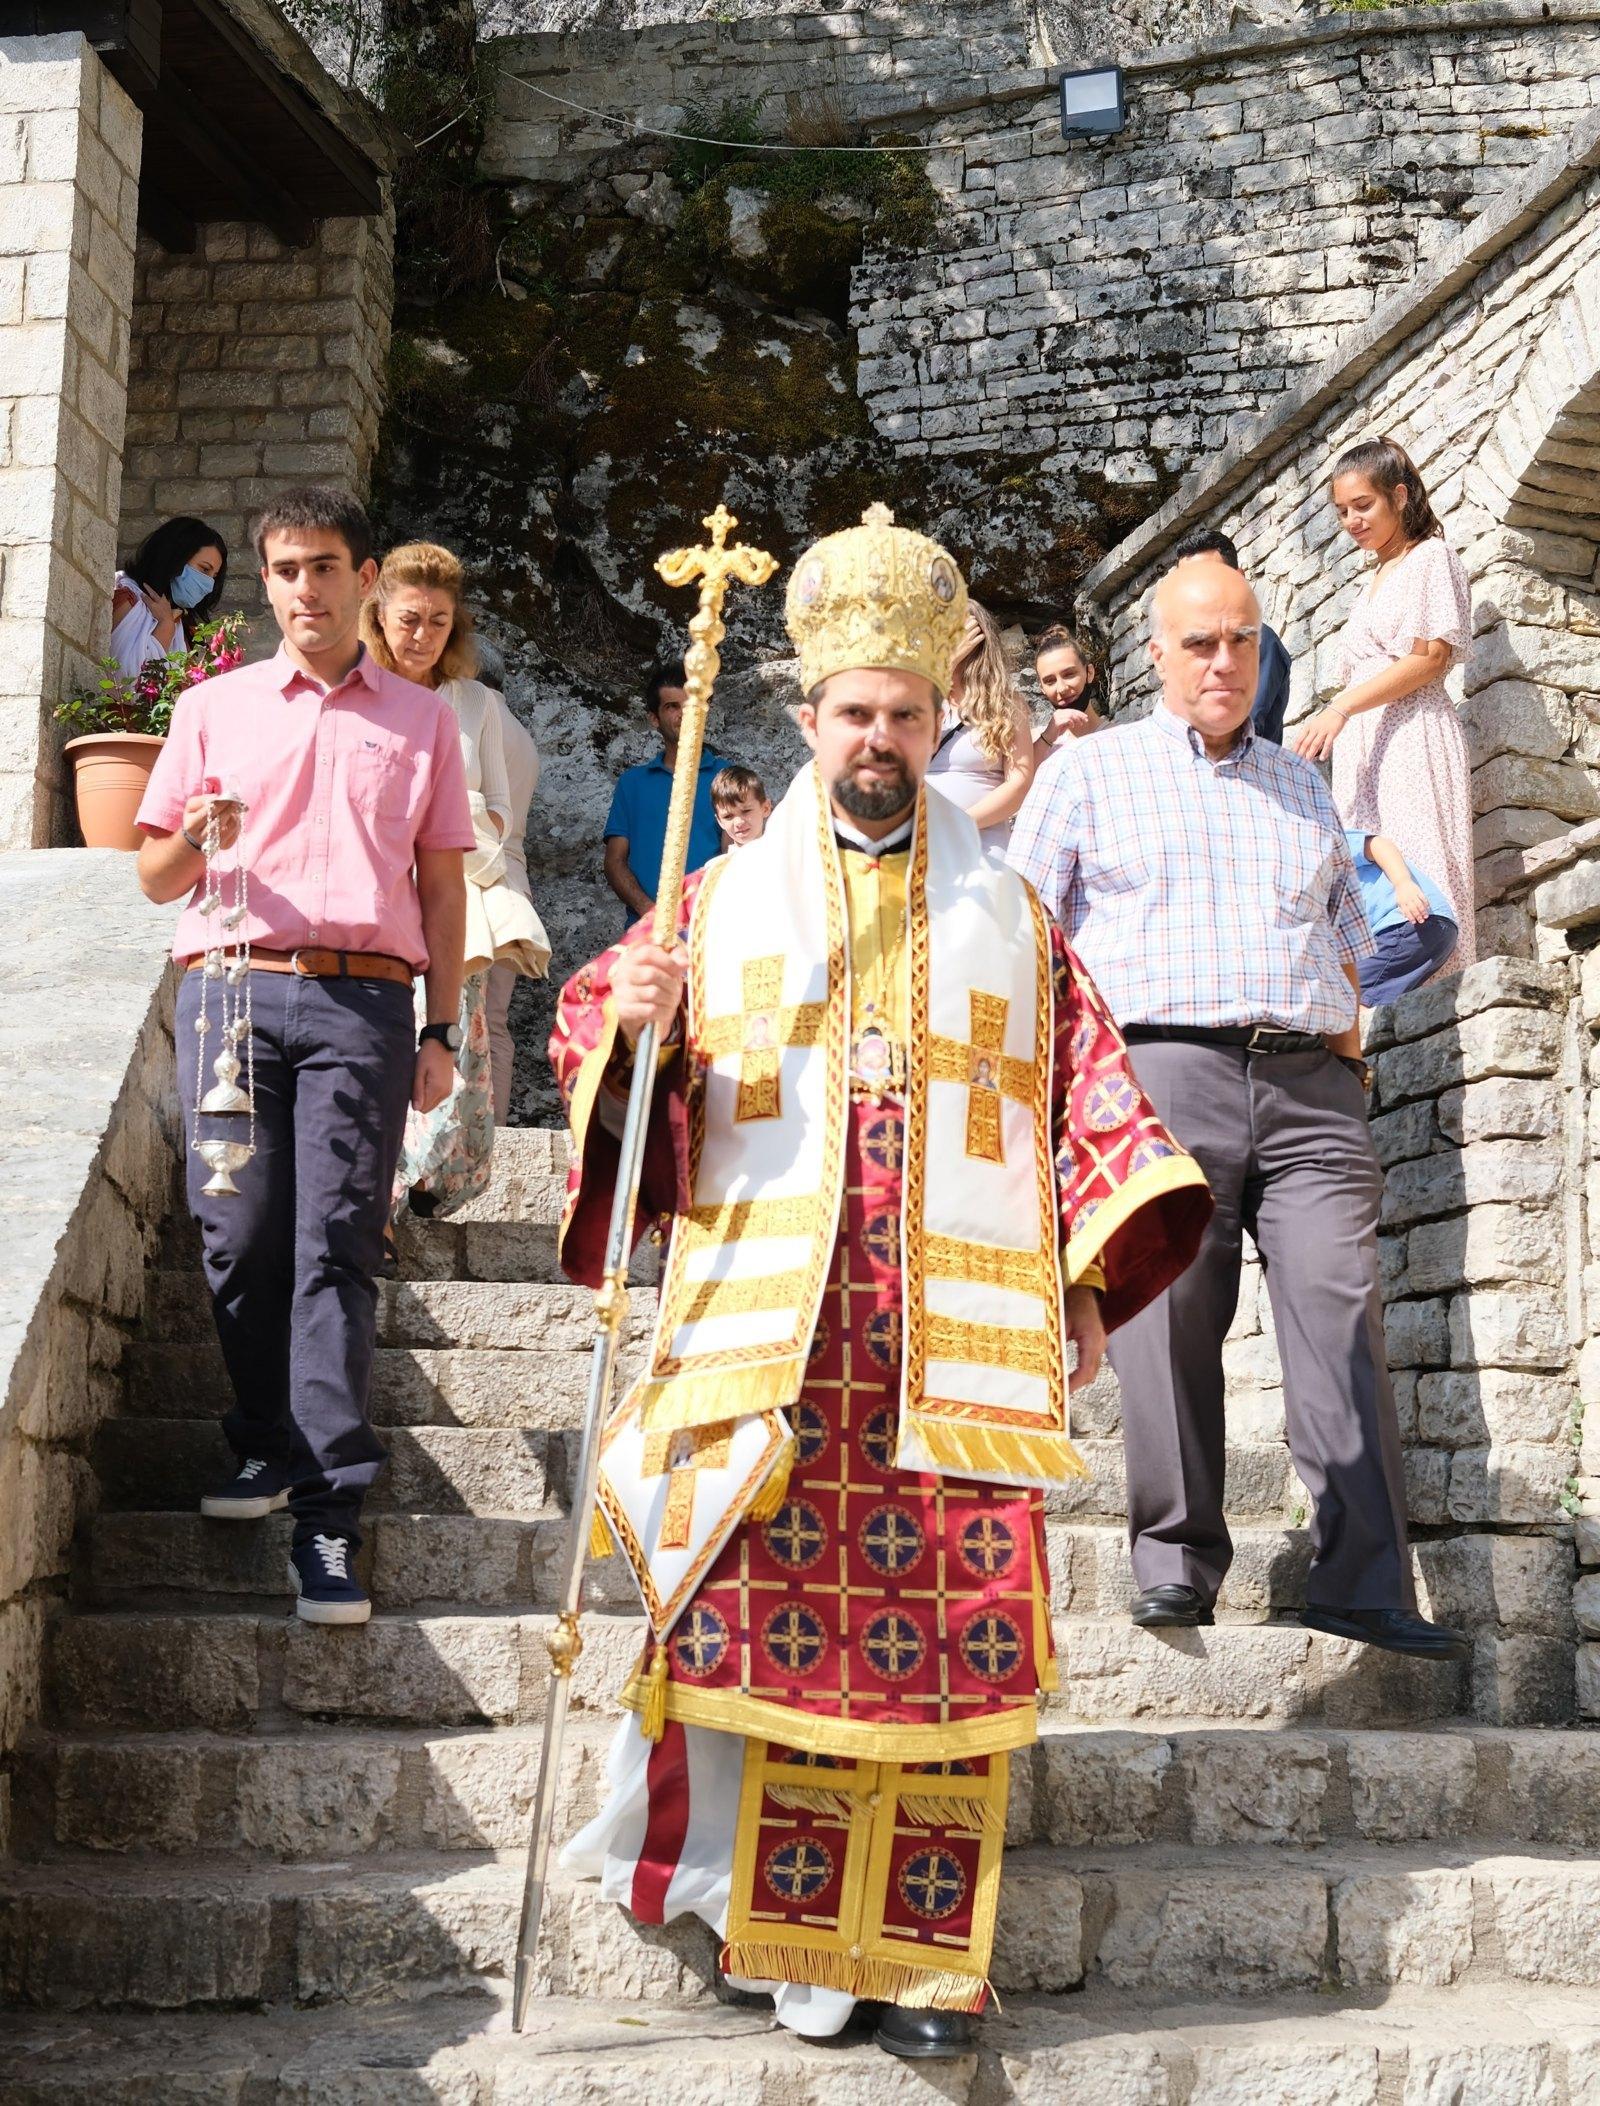 DSCF7914  - Ο Επίσκοπος Μελιτηνής στην Ι. Μονή Παναγίας Πελεκητής